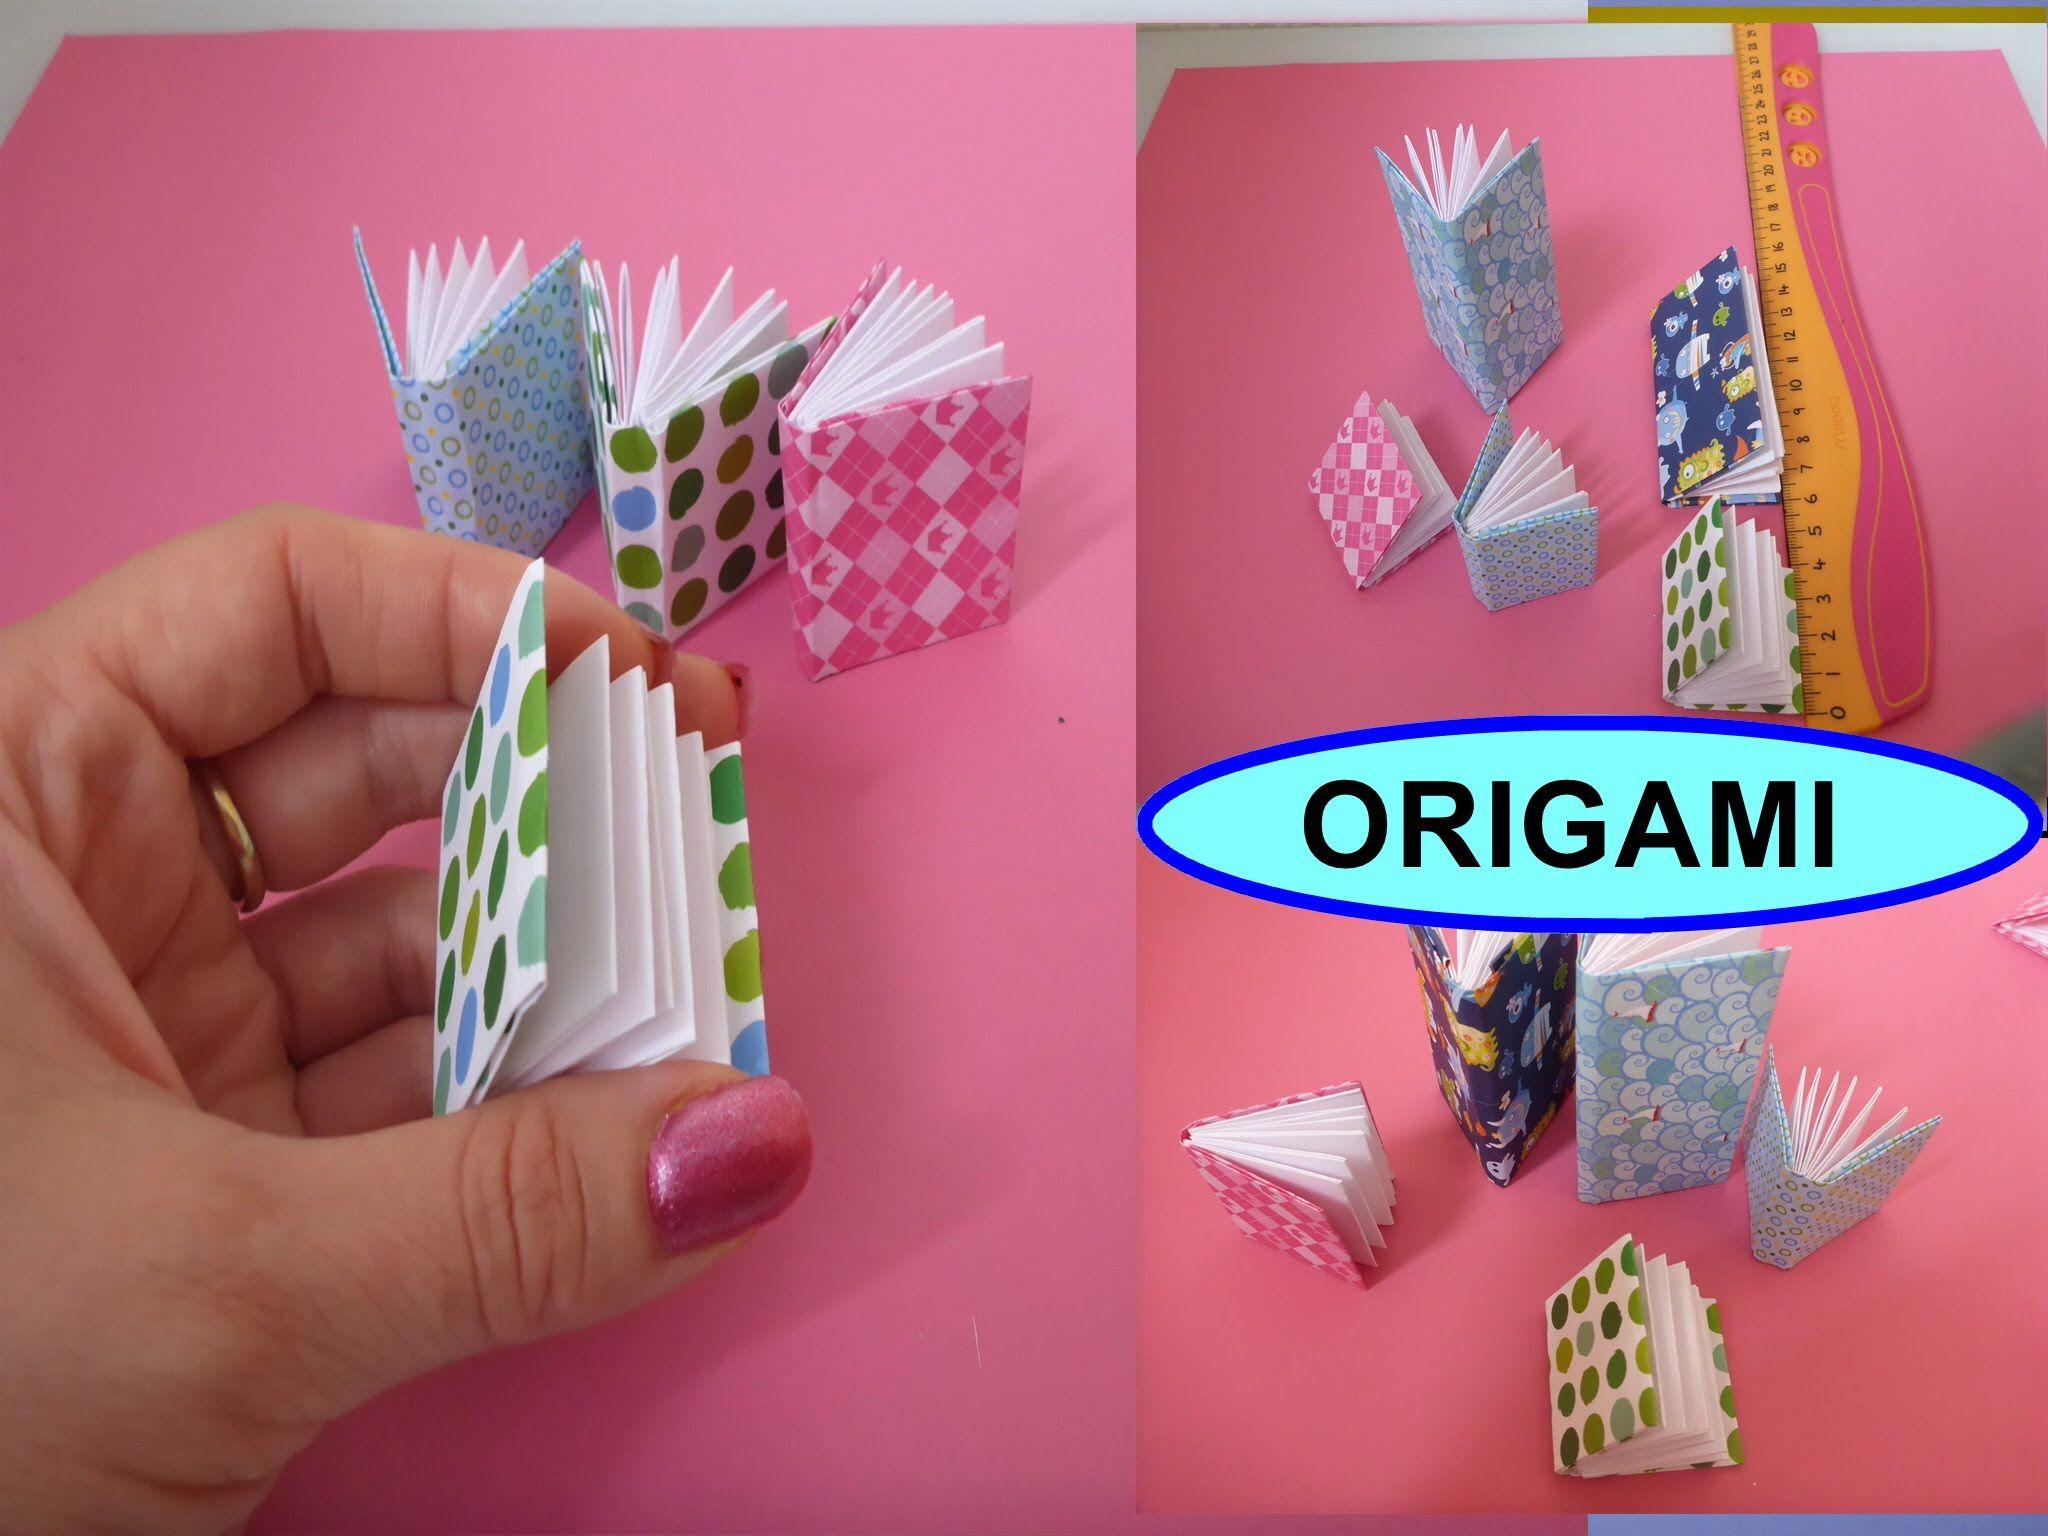 diy origami 3d notizbuch falten mini buch einfache deutsche anleitung geschenk zum muttertag. Black Bedroom Furniture Sets. Home Design Ideas